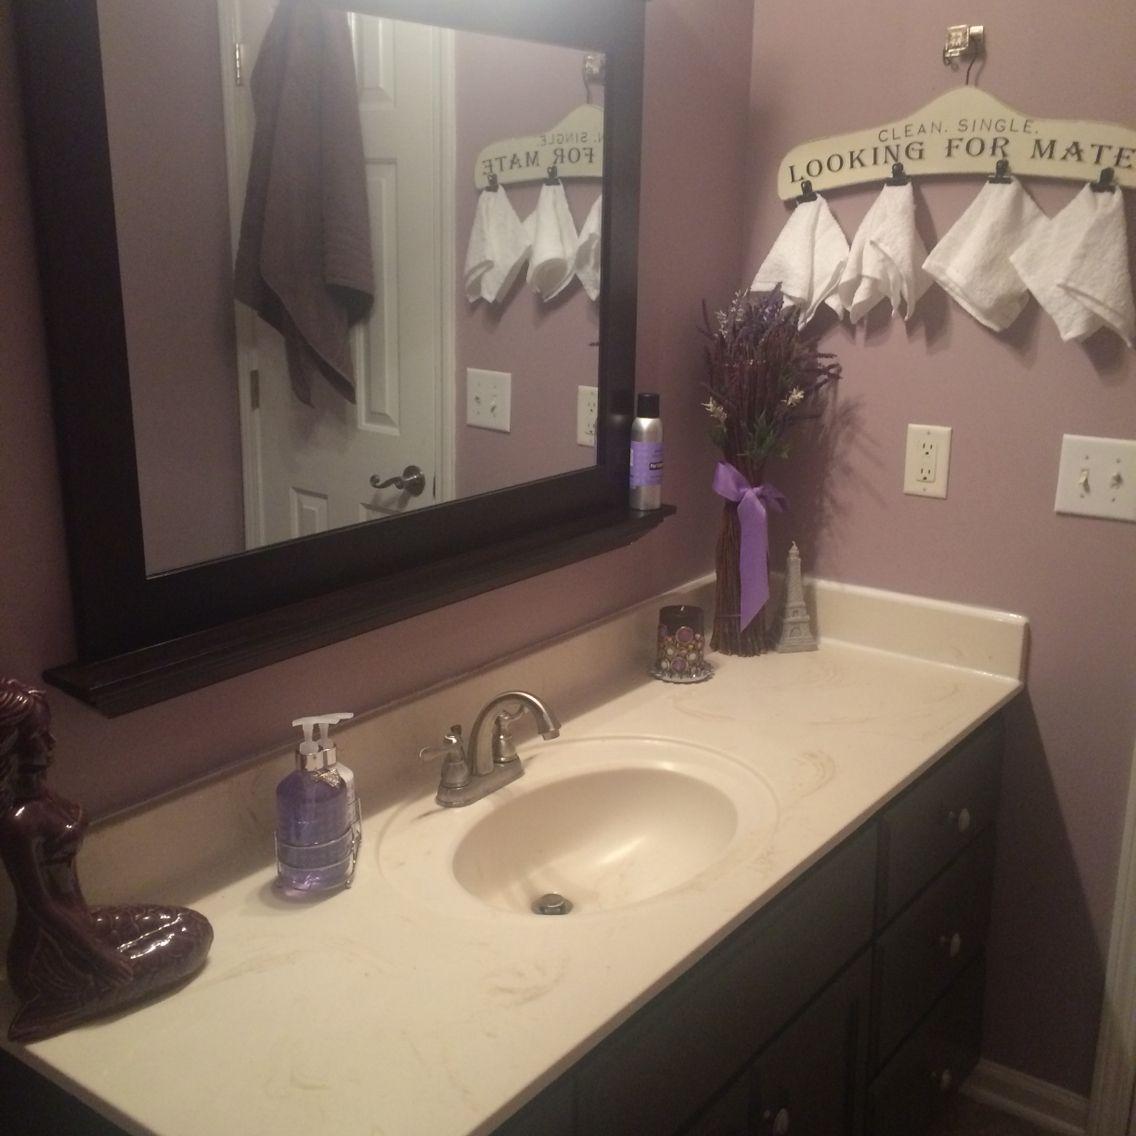 Finest Benjamin Moore Sanctuary Purple Paint Color Home Is Where Qt54 Dimension 1136 X By Www Pinterest